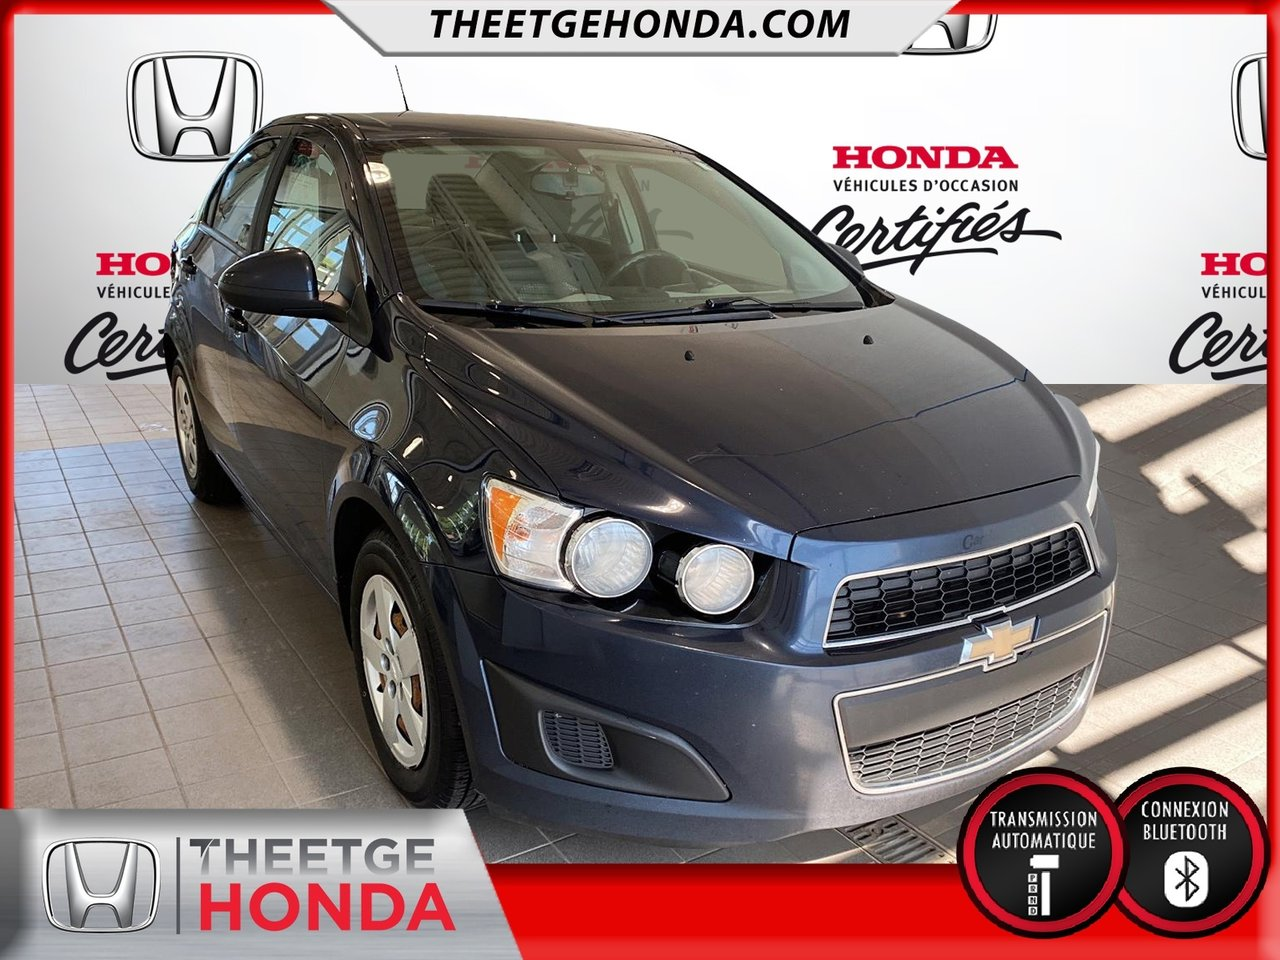 Chevrolet Sonic 2015 4dr *AUTOMATIQUE * LS SEDAN